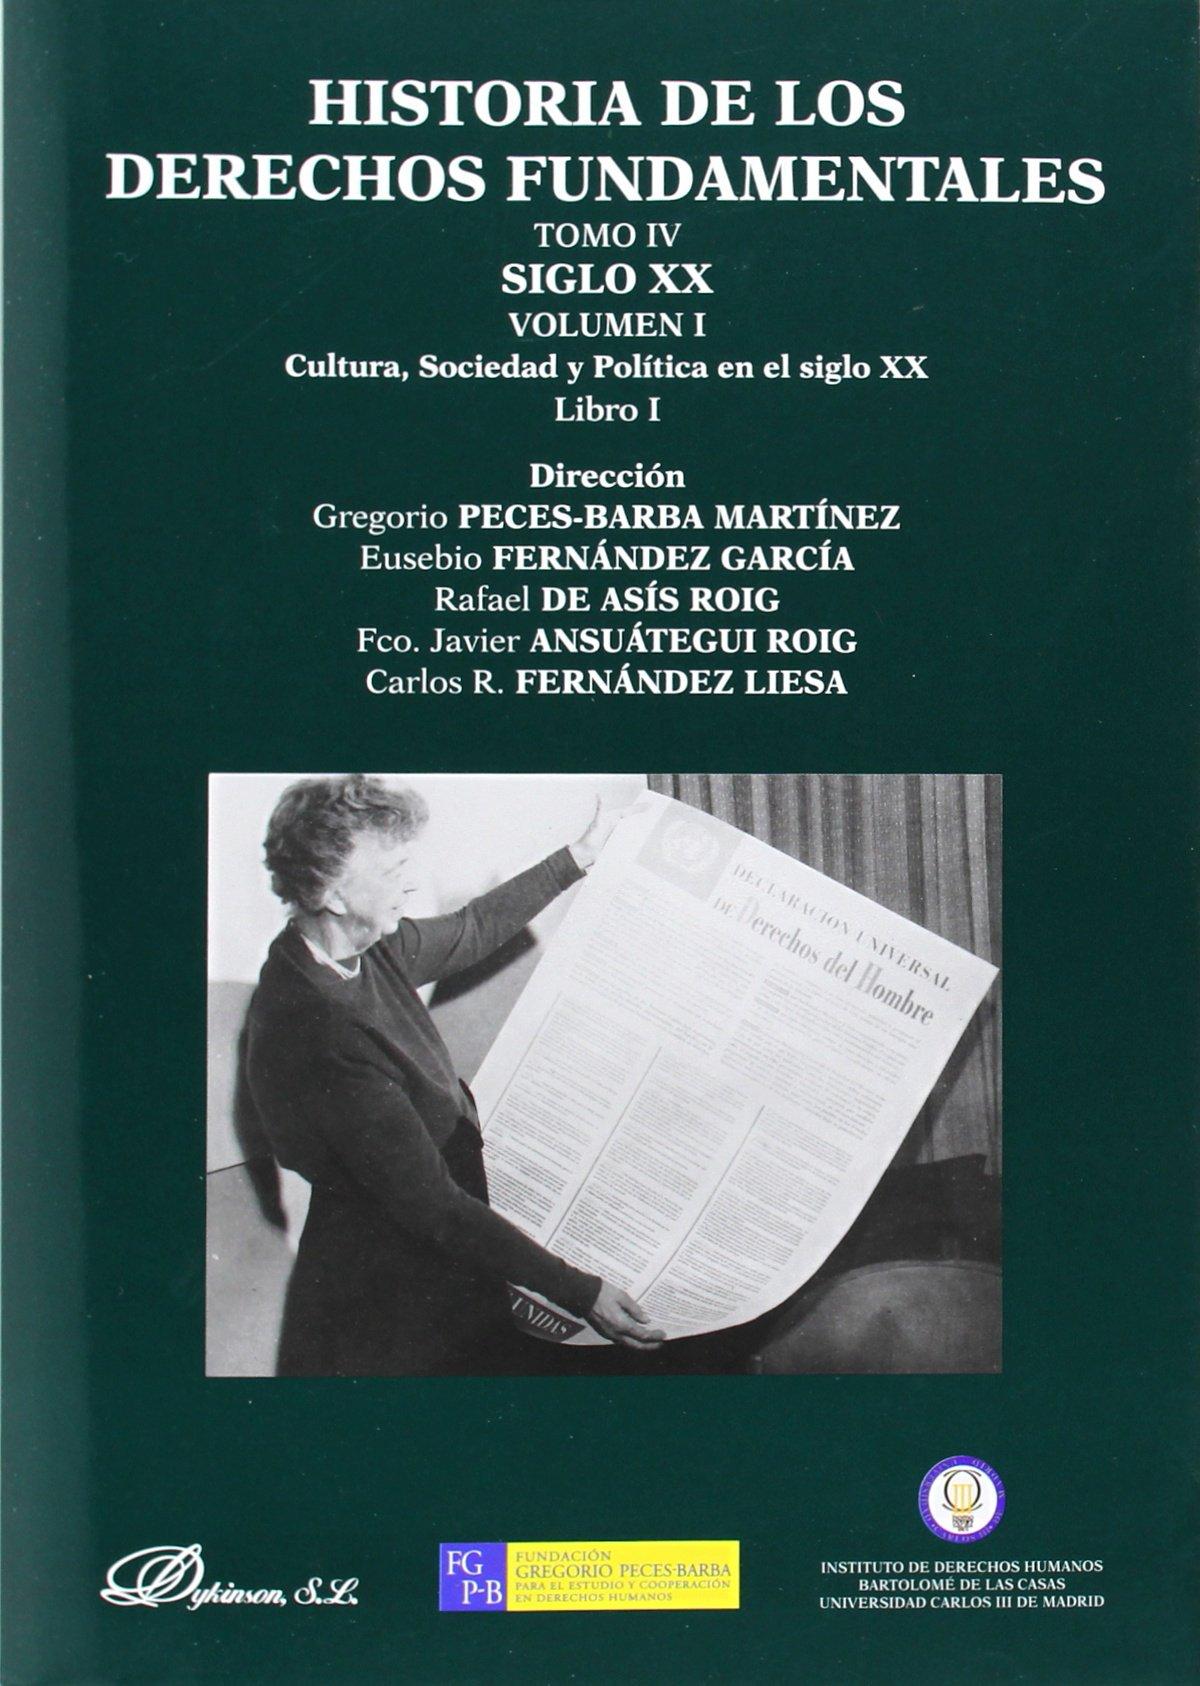 Download HISTORIA DE LOS DERECHOS FUNDAMENTALES TOMO IV SIGLO XX VOL I LIBRO I ebook